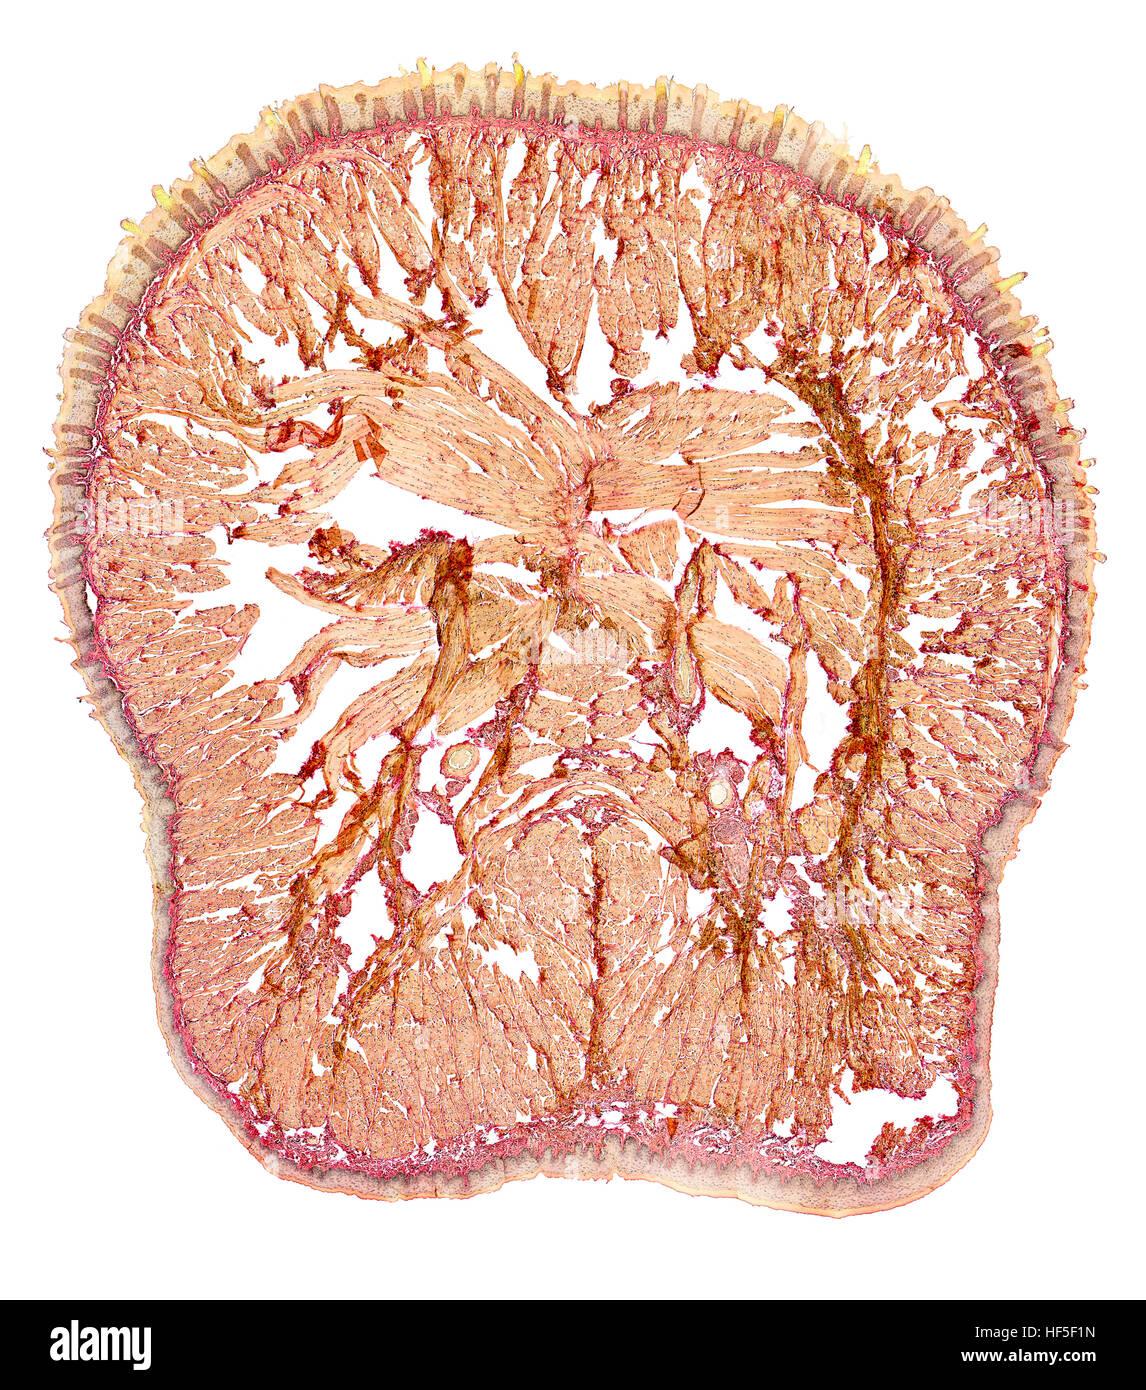 Sección transversal de la microscópica mostrando la lengua de una rata Imagen De Stock